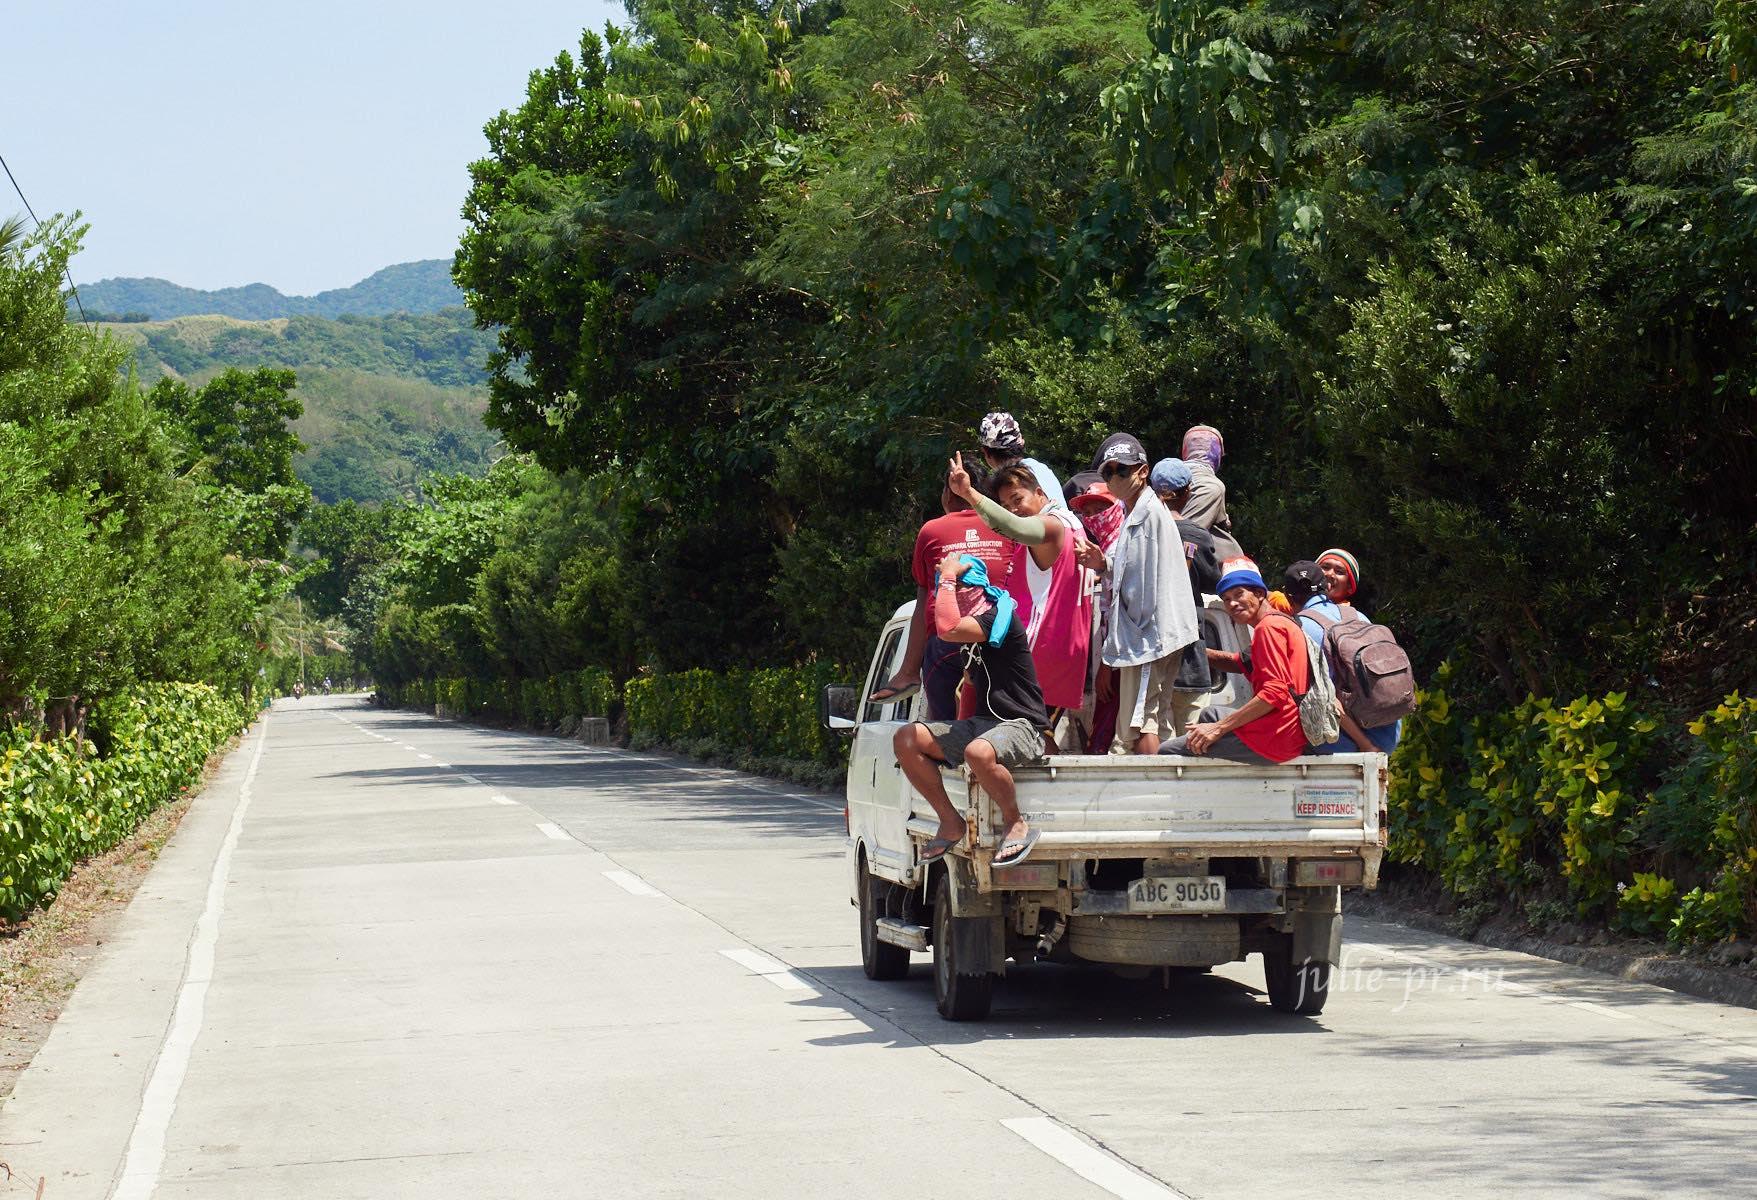 Филиппины, острова Батанес, грузовик с людьми